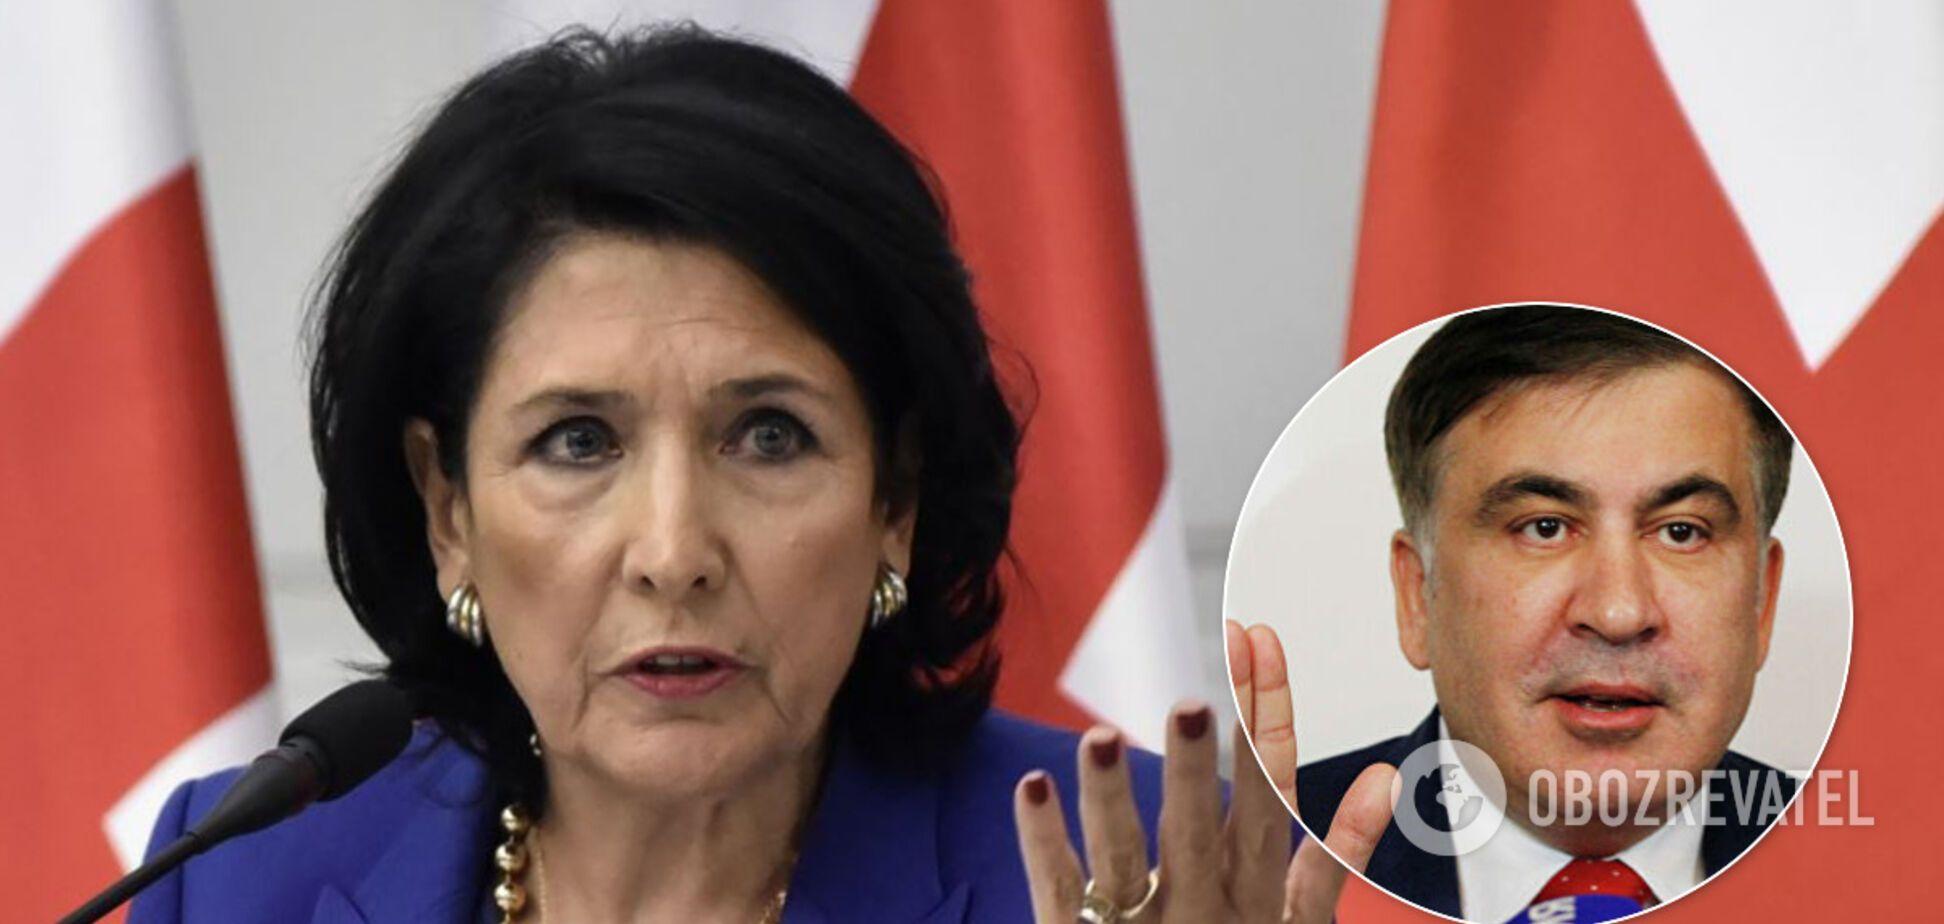 Президент Грузии отреагировала на новую должность Саакашвили в Украине